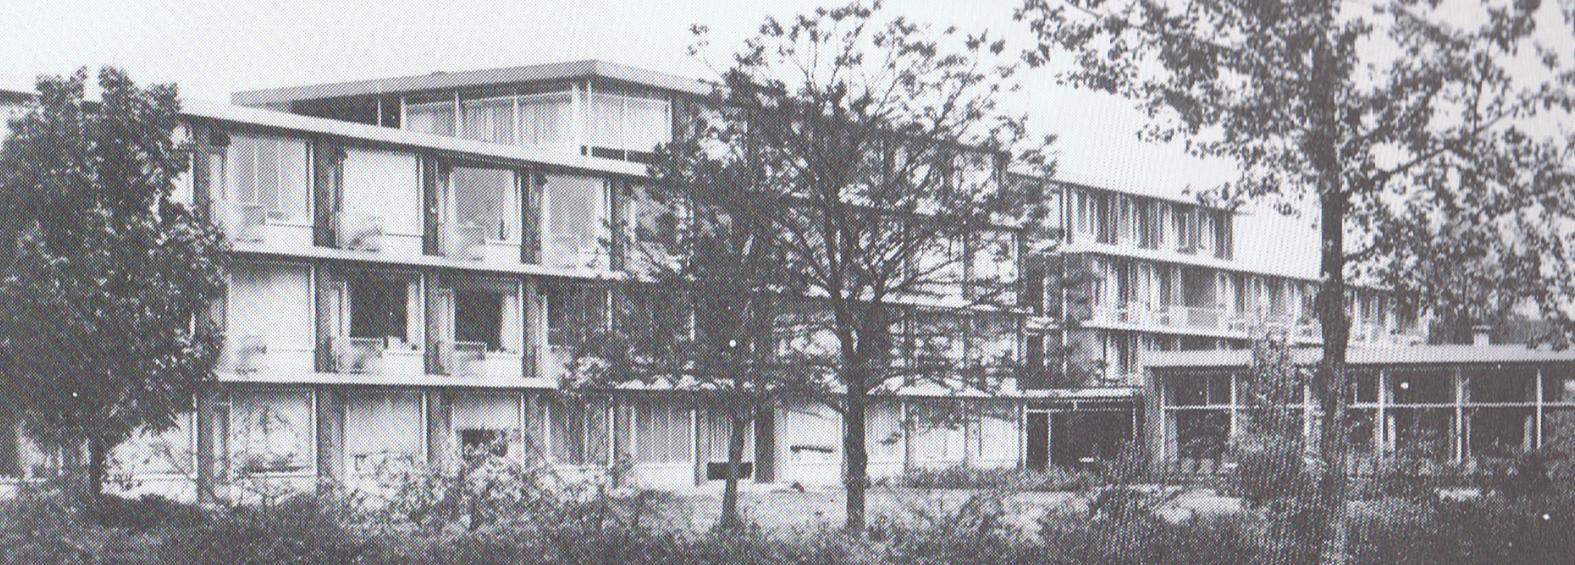 1983.00 - Heymanshuis